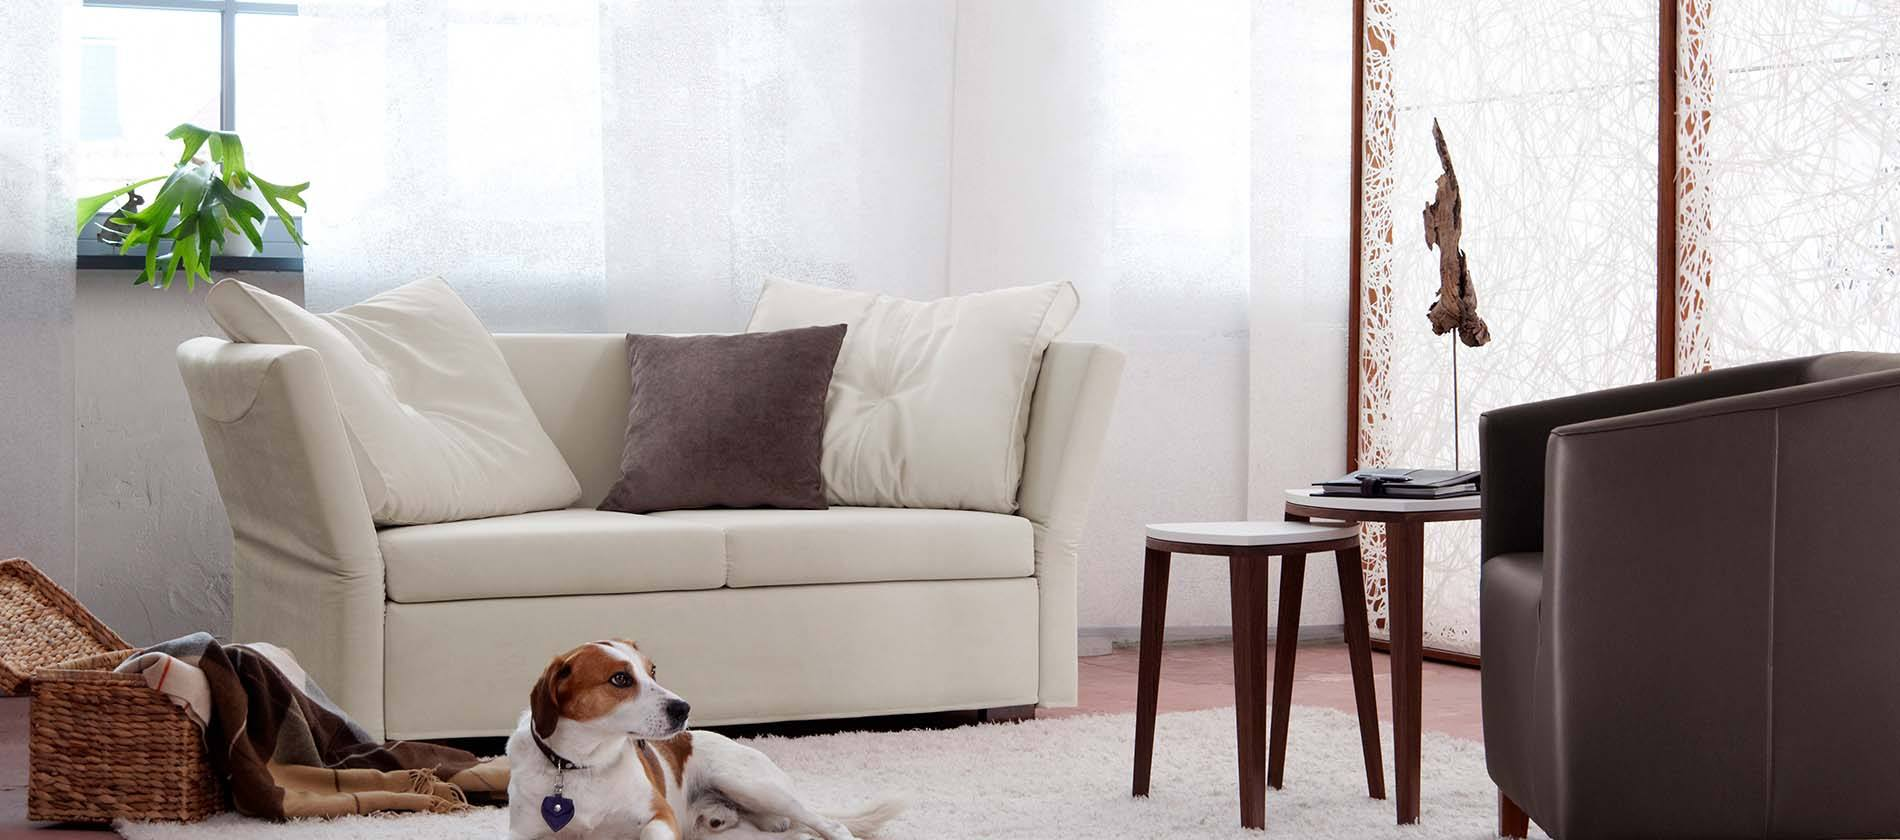 schlafsofa lavin von signet jetzt mehr erfahren. Black Bedroom Furniture Sets. Home Design Ideas